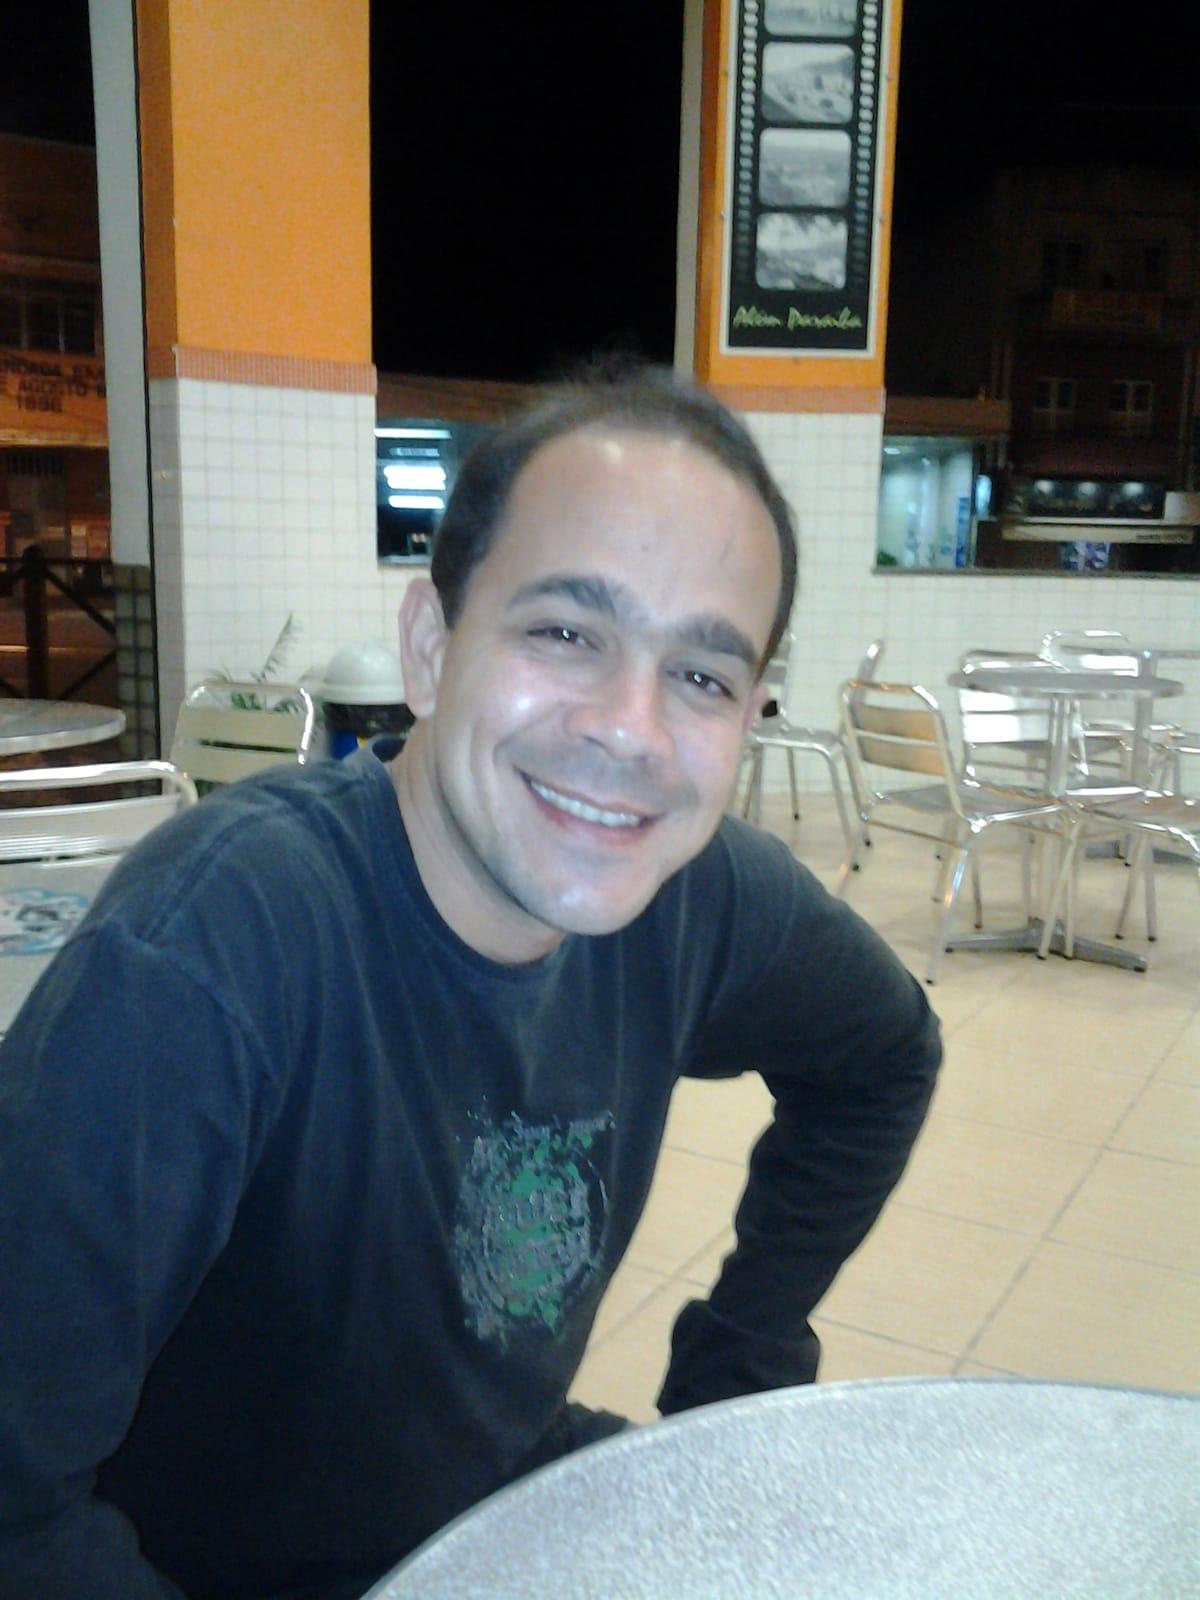 Sou de Além Paraíba/MG, bacharel em direito, traba